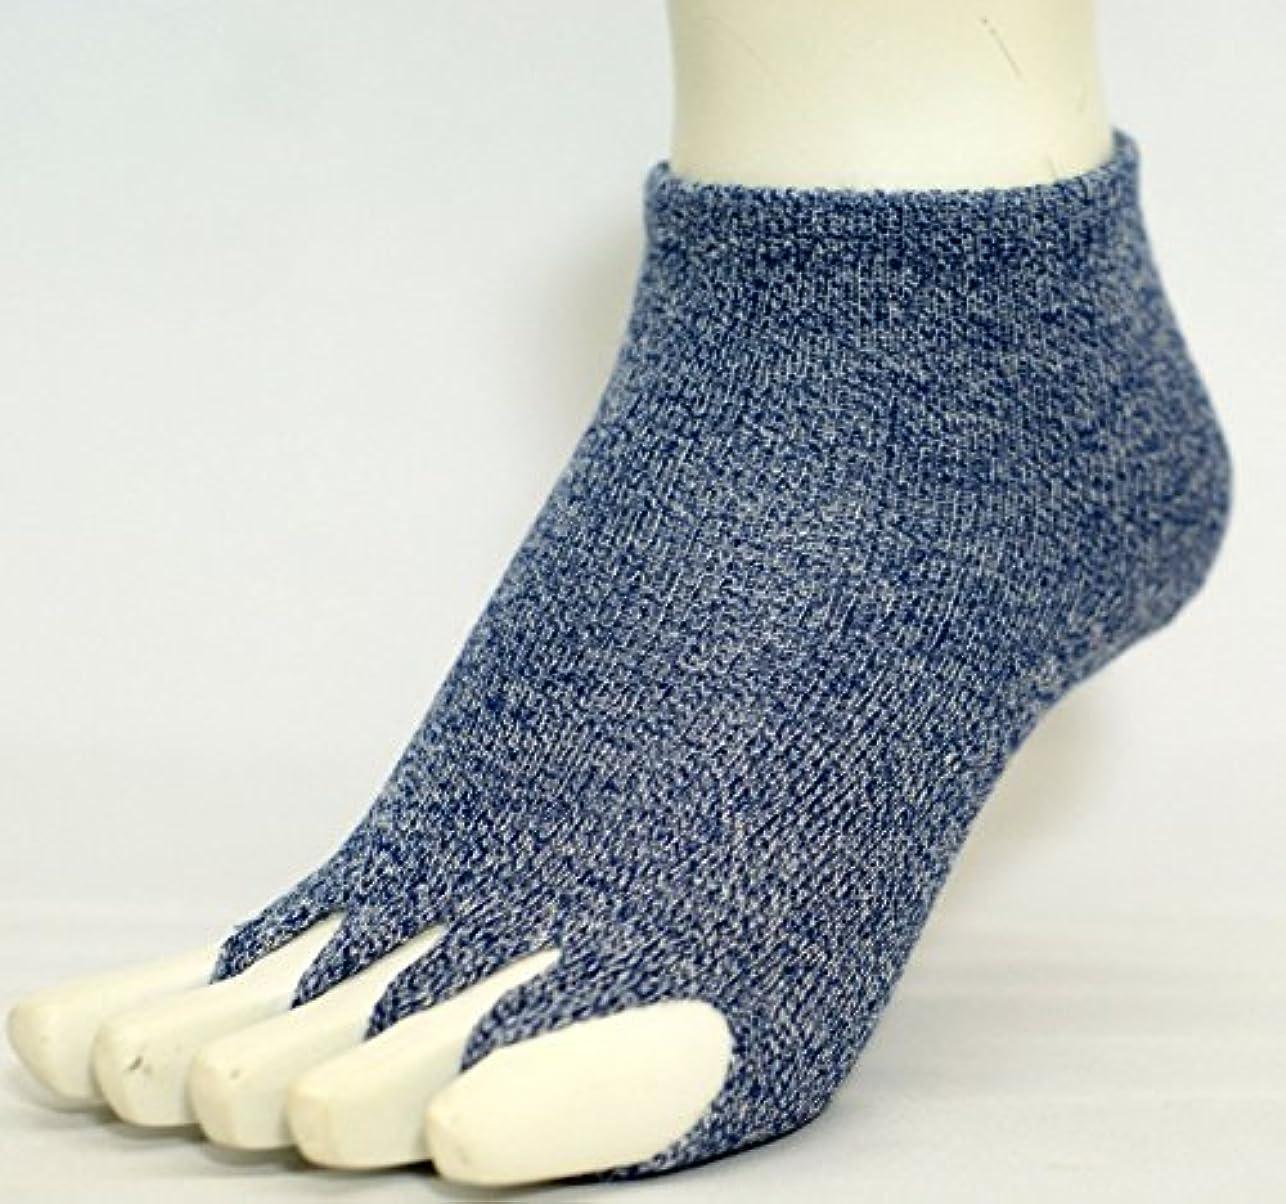 交換ダブルレトルト指なし健康ソックス 8色 4サイズ  冷え性?足のむくみ対策に 竹繊維の入った?  (21cm~23cm, 紺色)